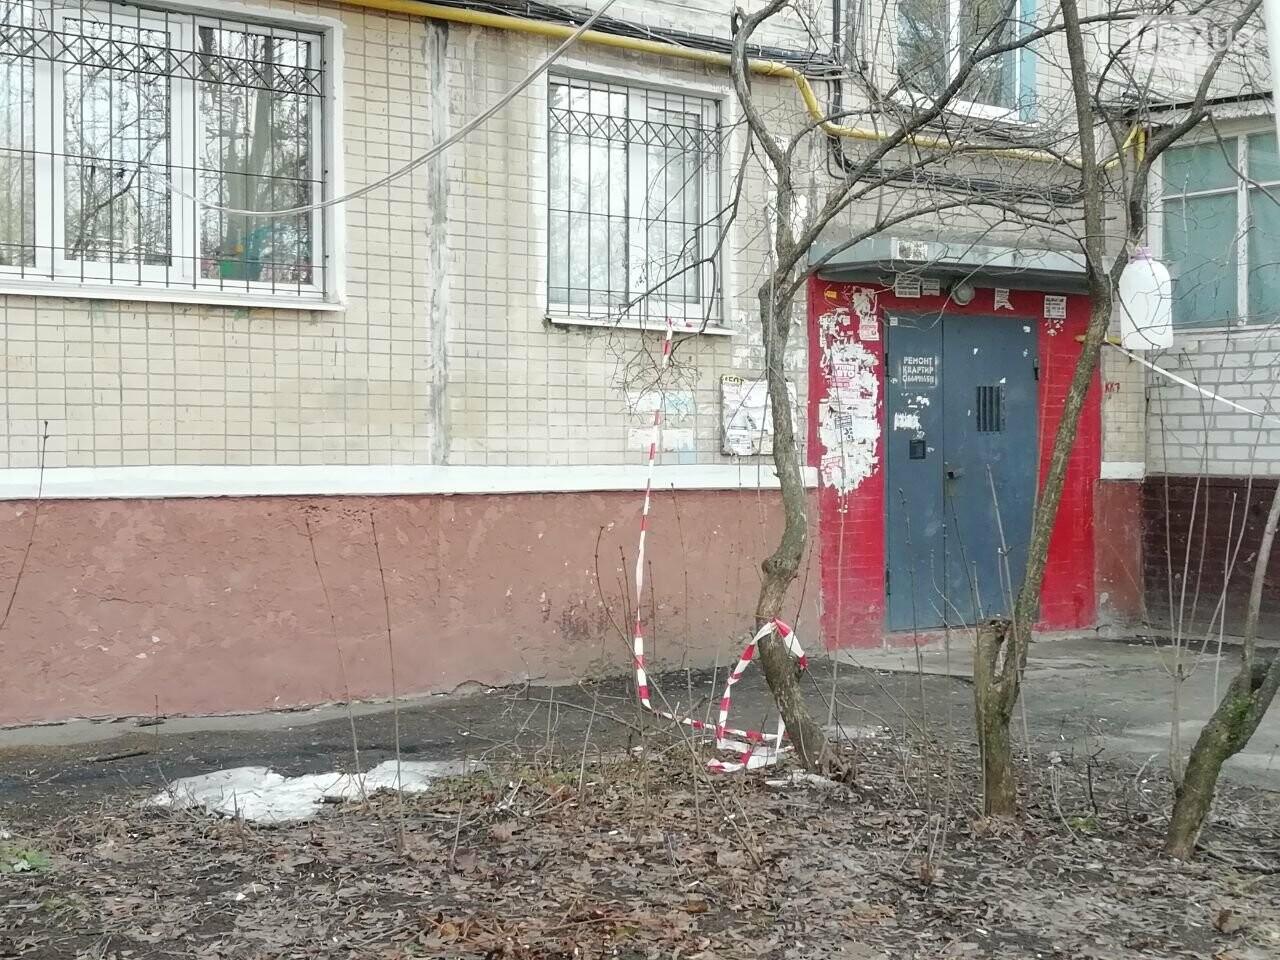 Выстрелы возле дома и неизвестные в масках: что рассказали жители о стрельбе на Московском проспекте, - ФОТО, фото-18